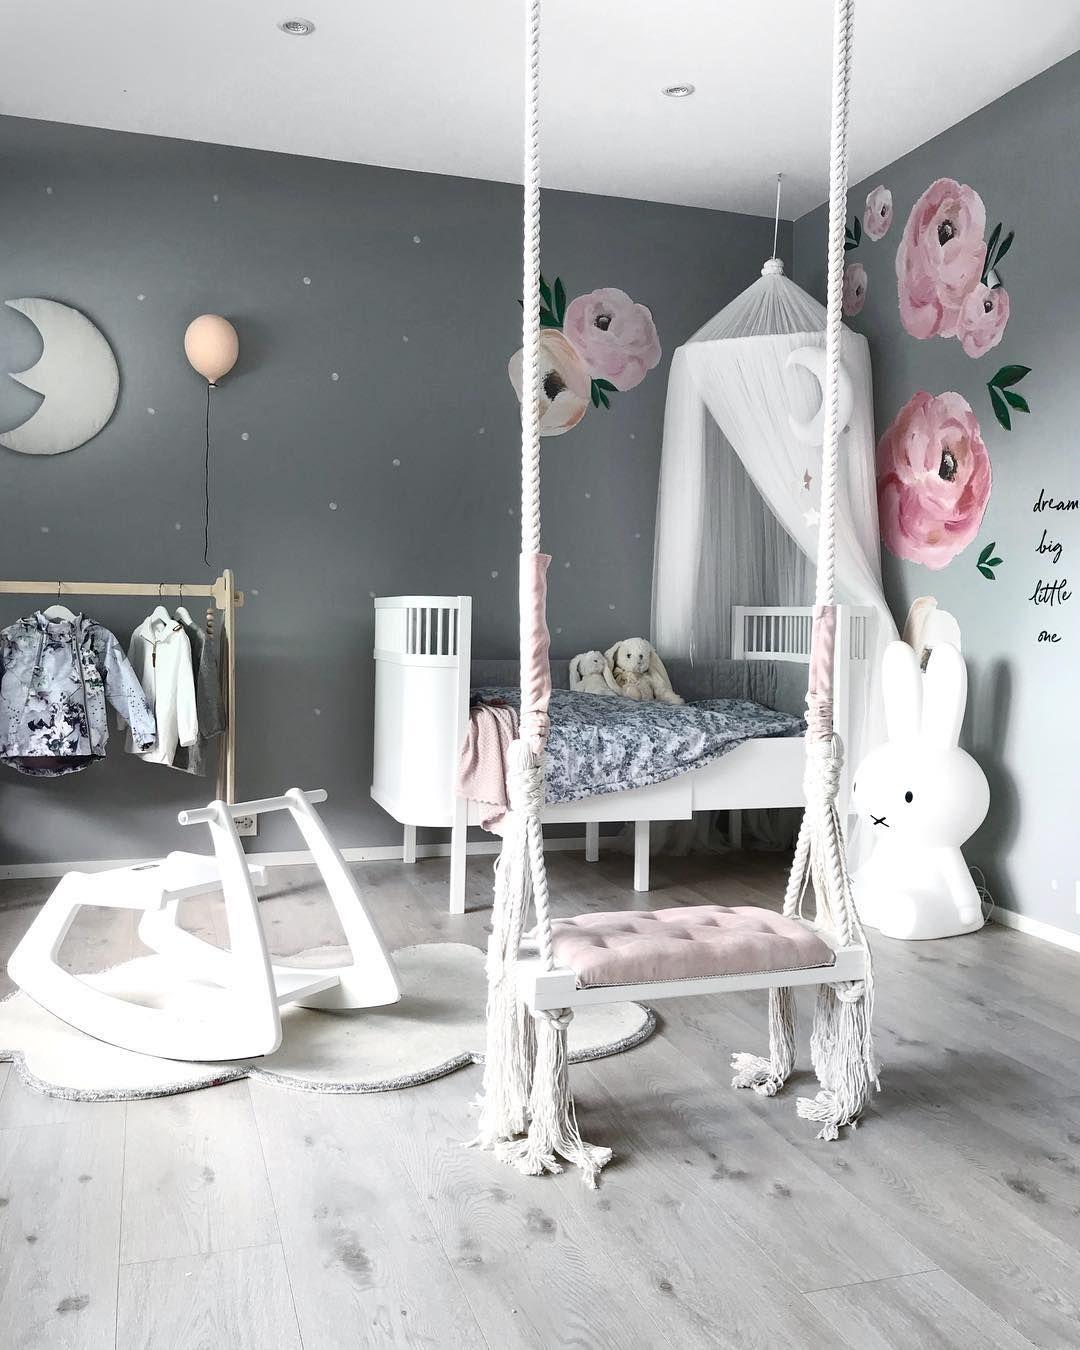 Es muss nicht immer Rosa sein! So könnt ihr ein Mädchenzimmer wunderschön einrichten #kleinkindzimmer